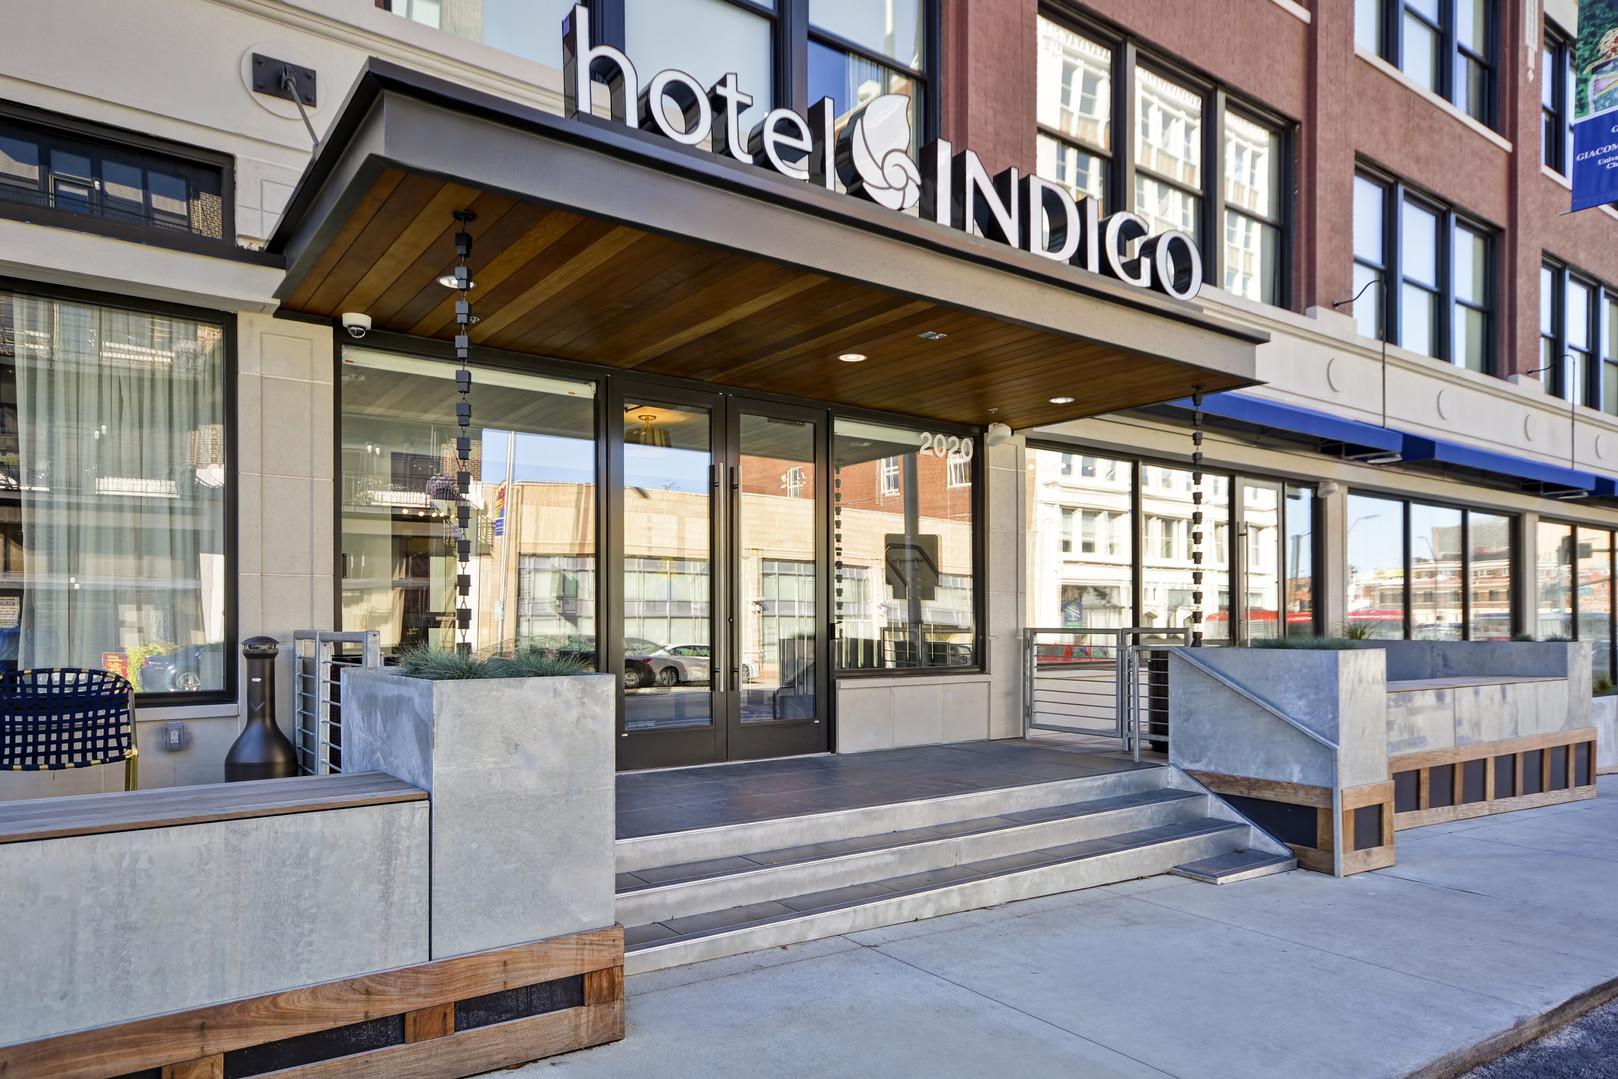 Hotel Indigo - Crossroads - Kansas City, MO